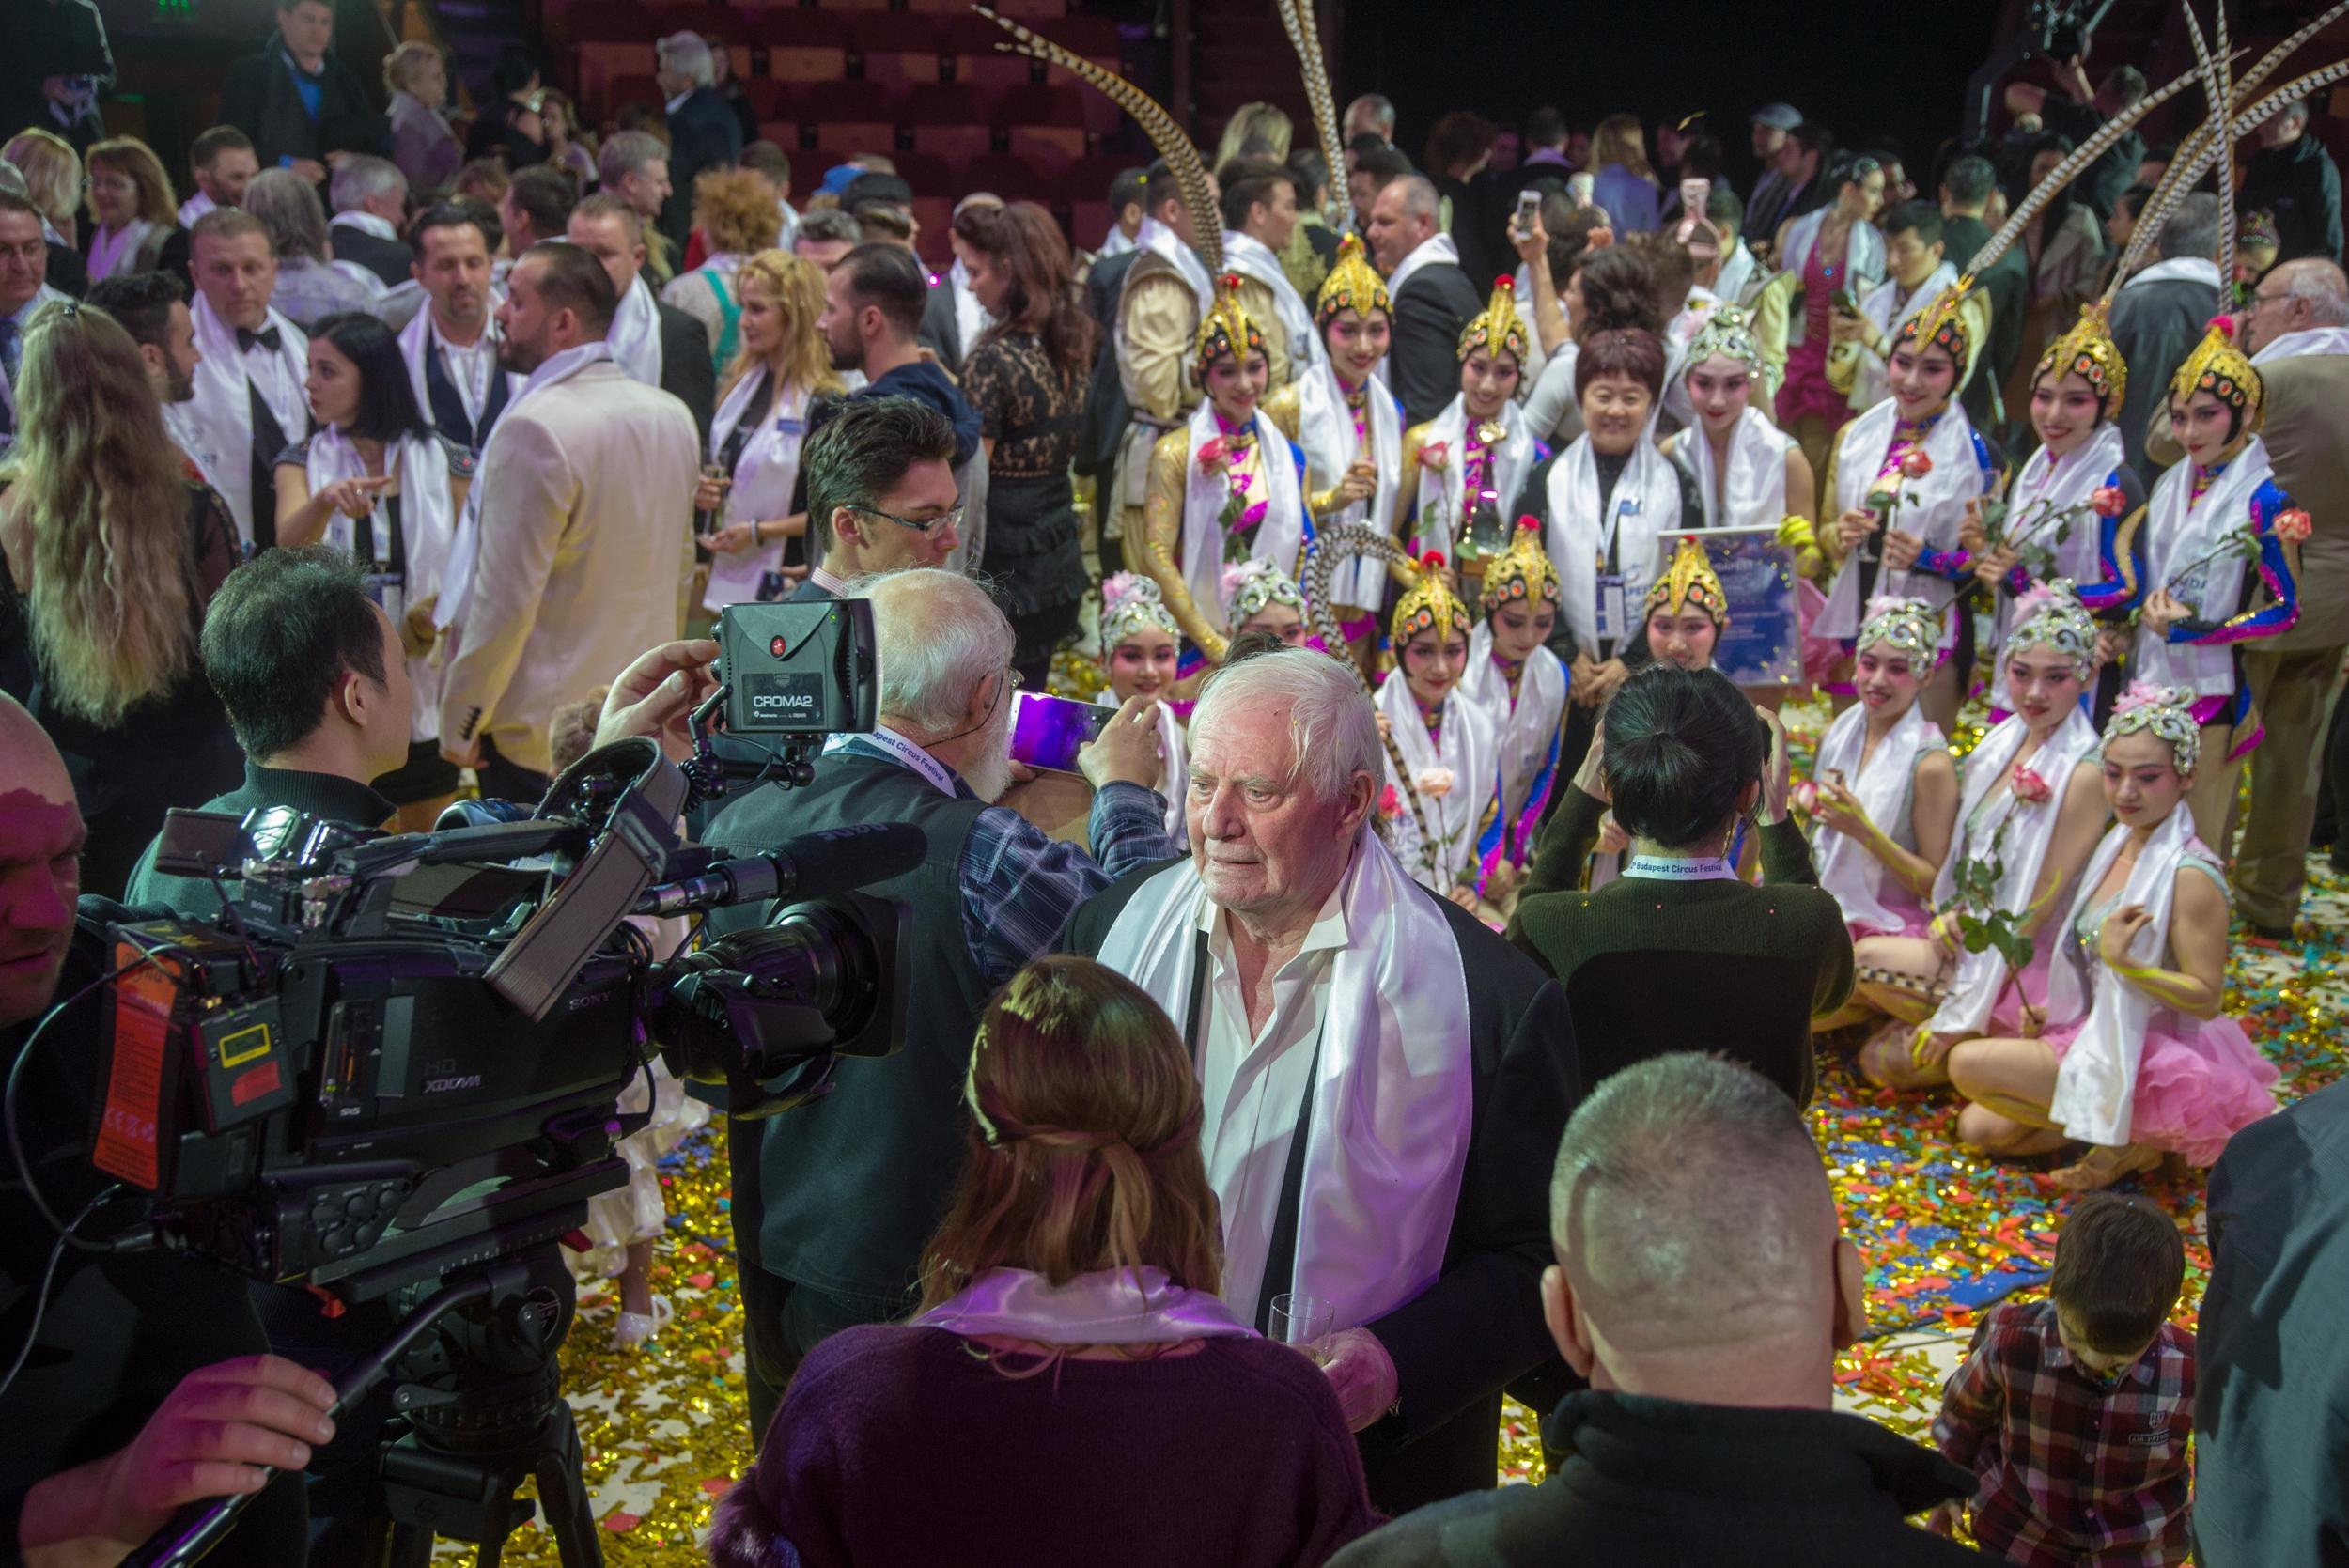 Díjeső a XII. Budapest Nemzetközi Cirkuszfesztivál gáláján!